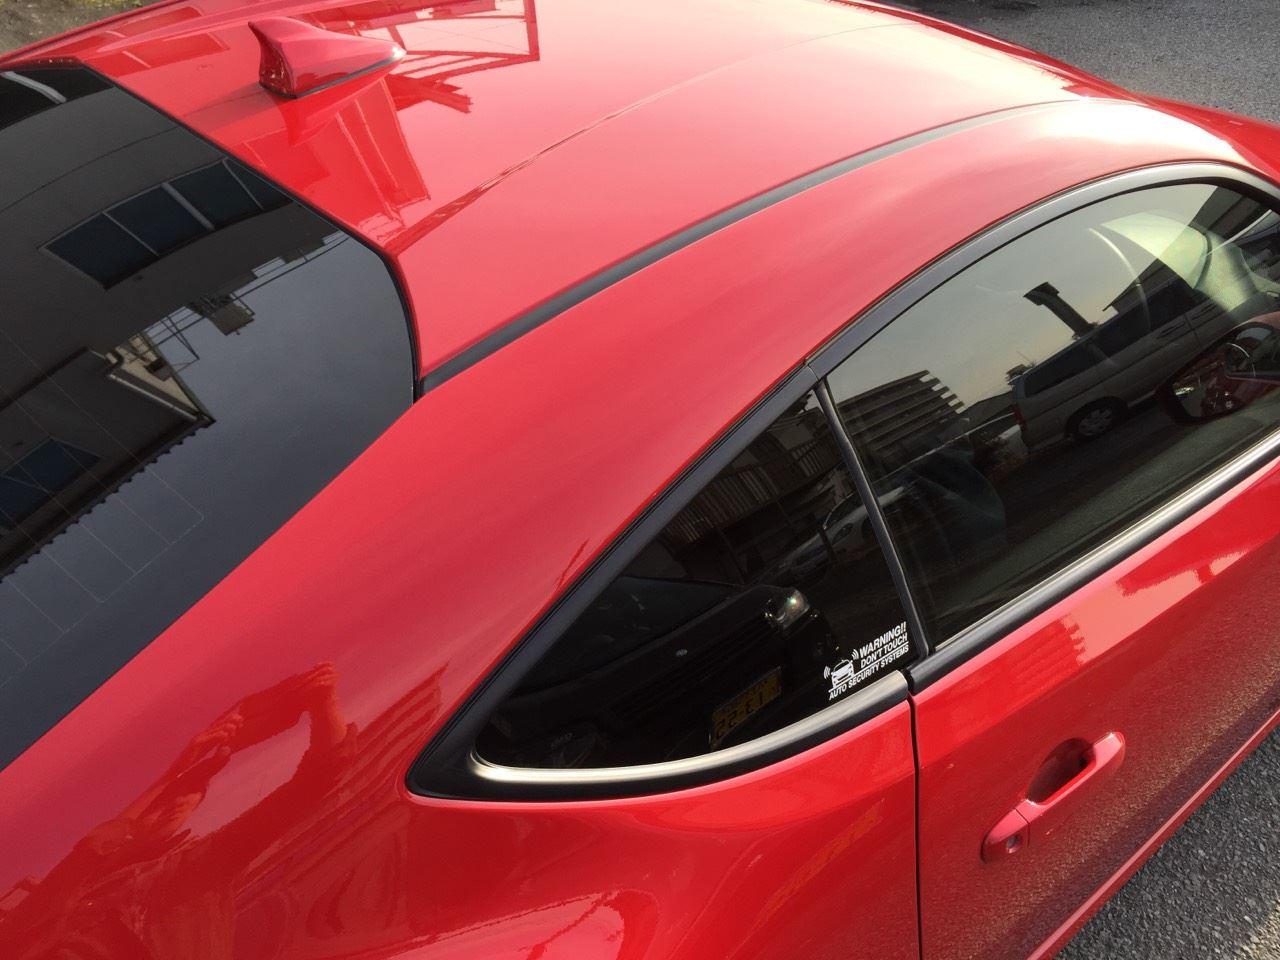 東京都立川市の車の板金塗装修理工場 ガレージローライドのスバル BRZの右側面等のキズ へこみ の板金 修理 塗装 です。